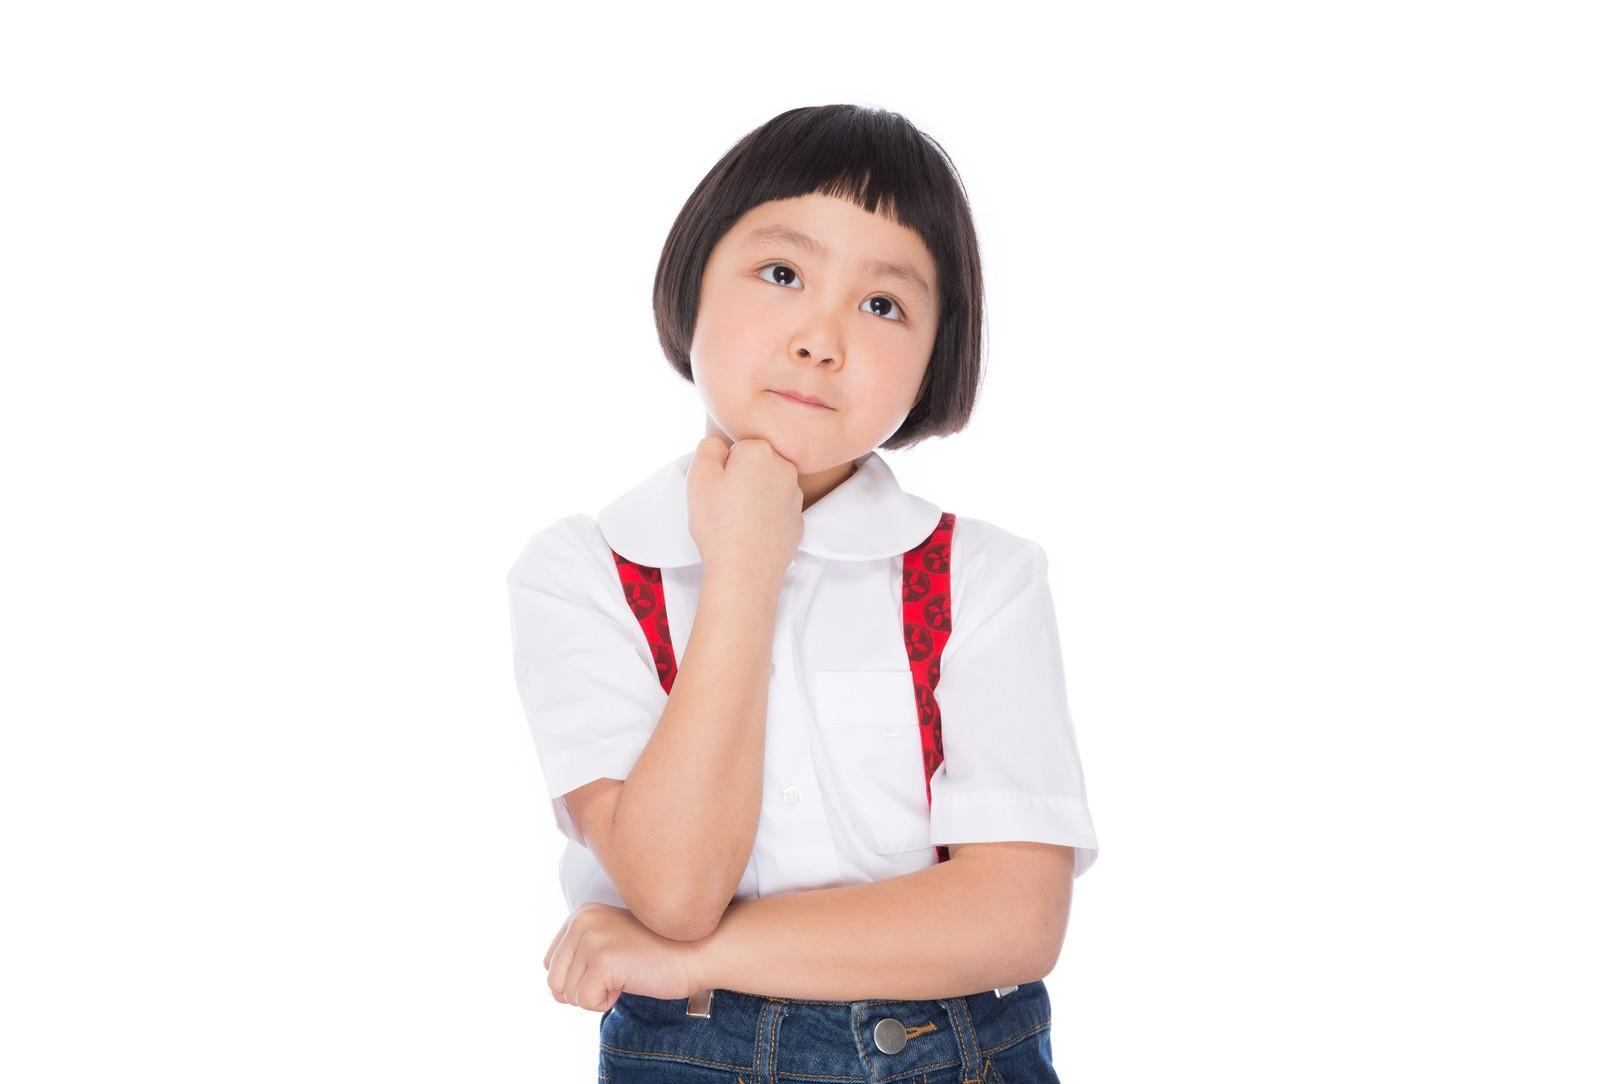 さとり世代、夢見ることをやめる ・・・小中学生の「将来就きたい職業」1位は会社員